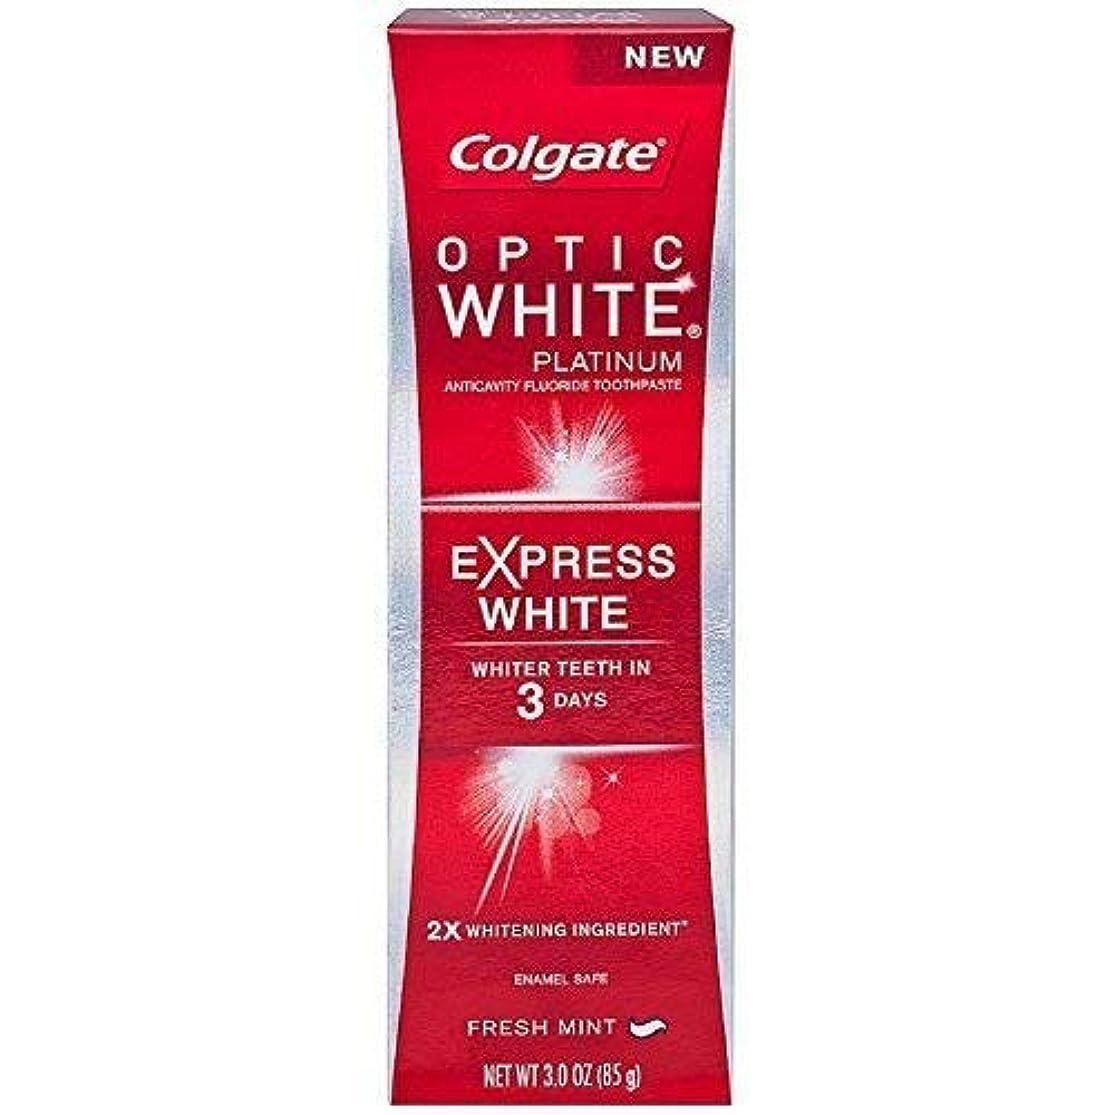 カウンタ実り多い先見の明Colgate オプティックホワイトプラチナエクスプレス白の歯磨き粉、フレッシュミント3オズ(5パック)